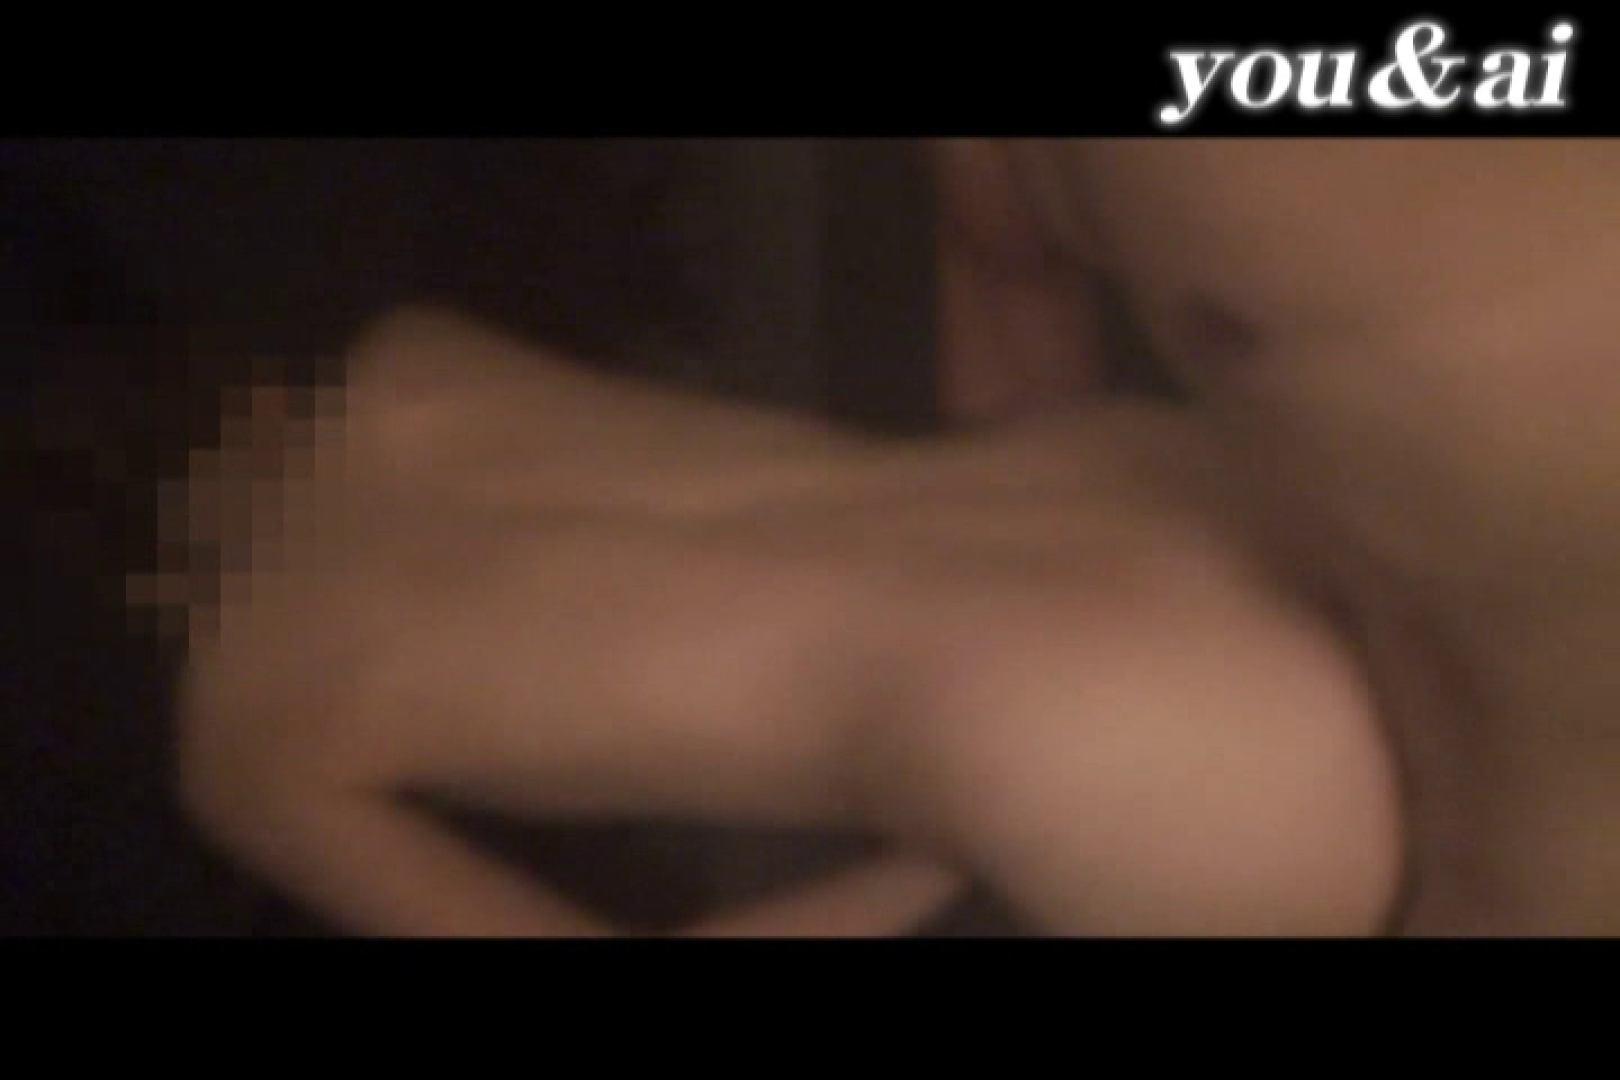 おしどり夫婦のyou&aiさん投稿作品vol.19 投稿映像 アダルト動画キャプチャ 55pic 23